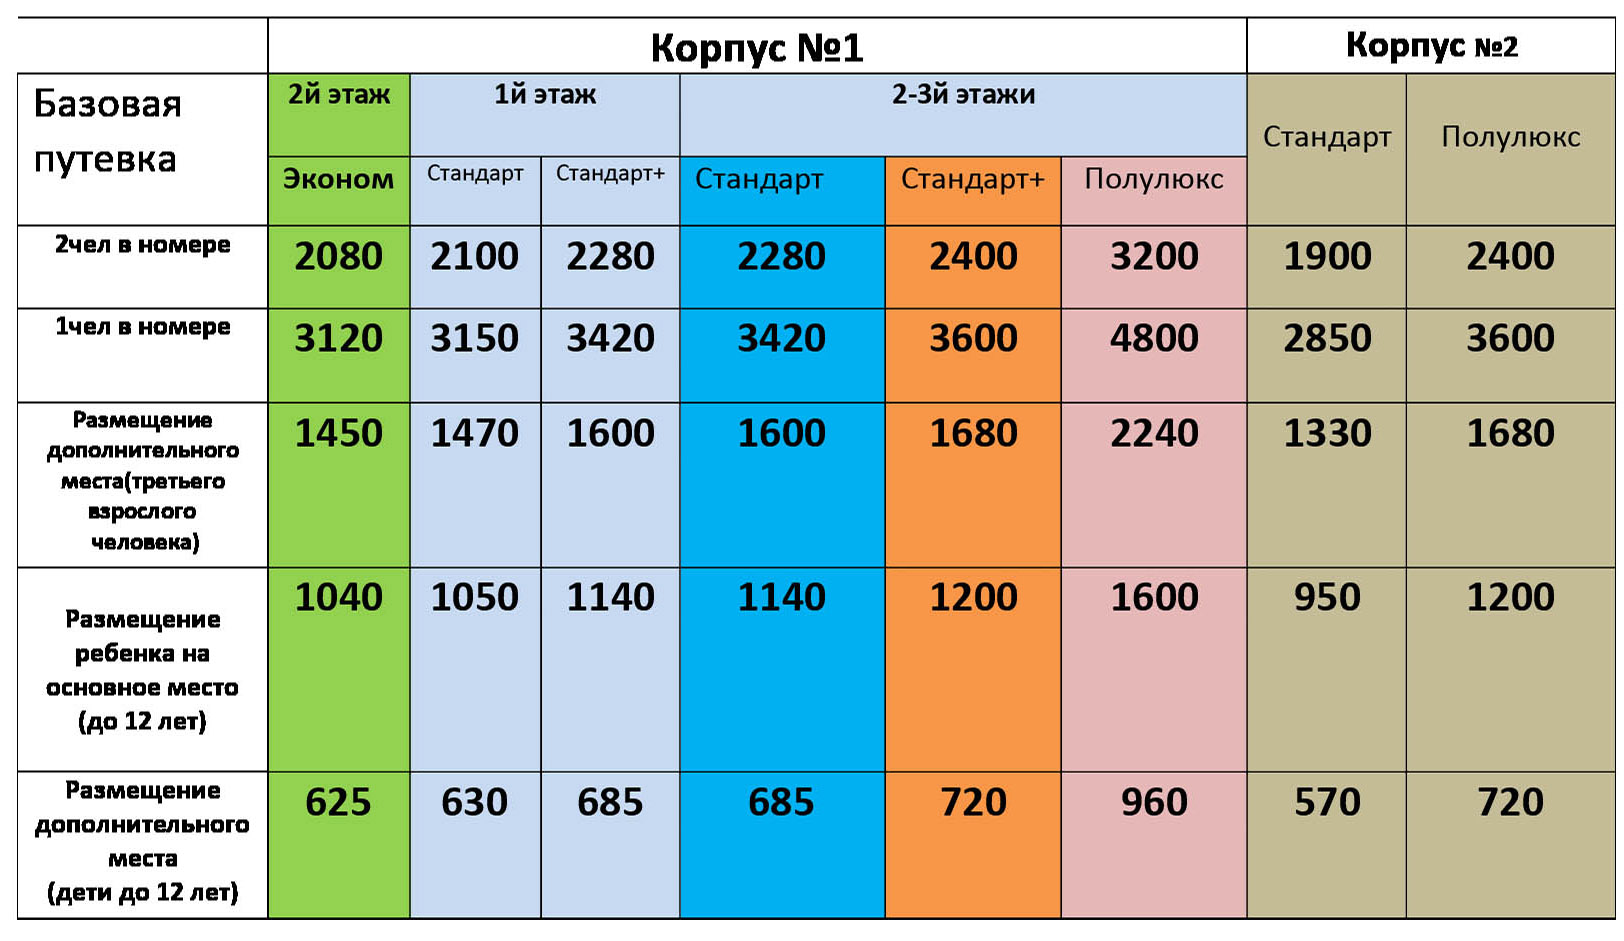 Стоимость путевки с 09.01.2020 г. по 31.07.2020 г.